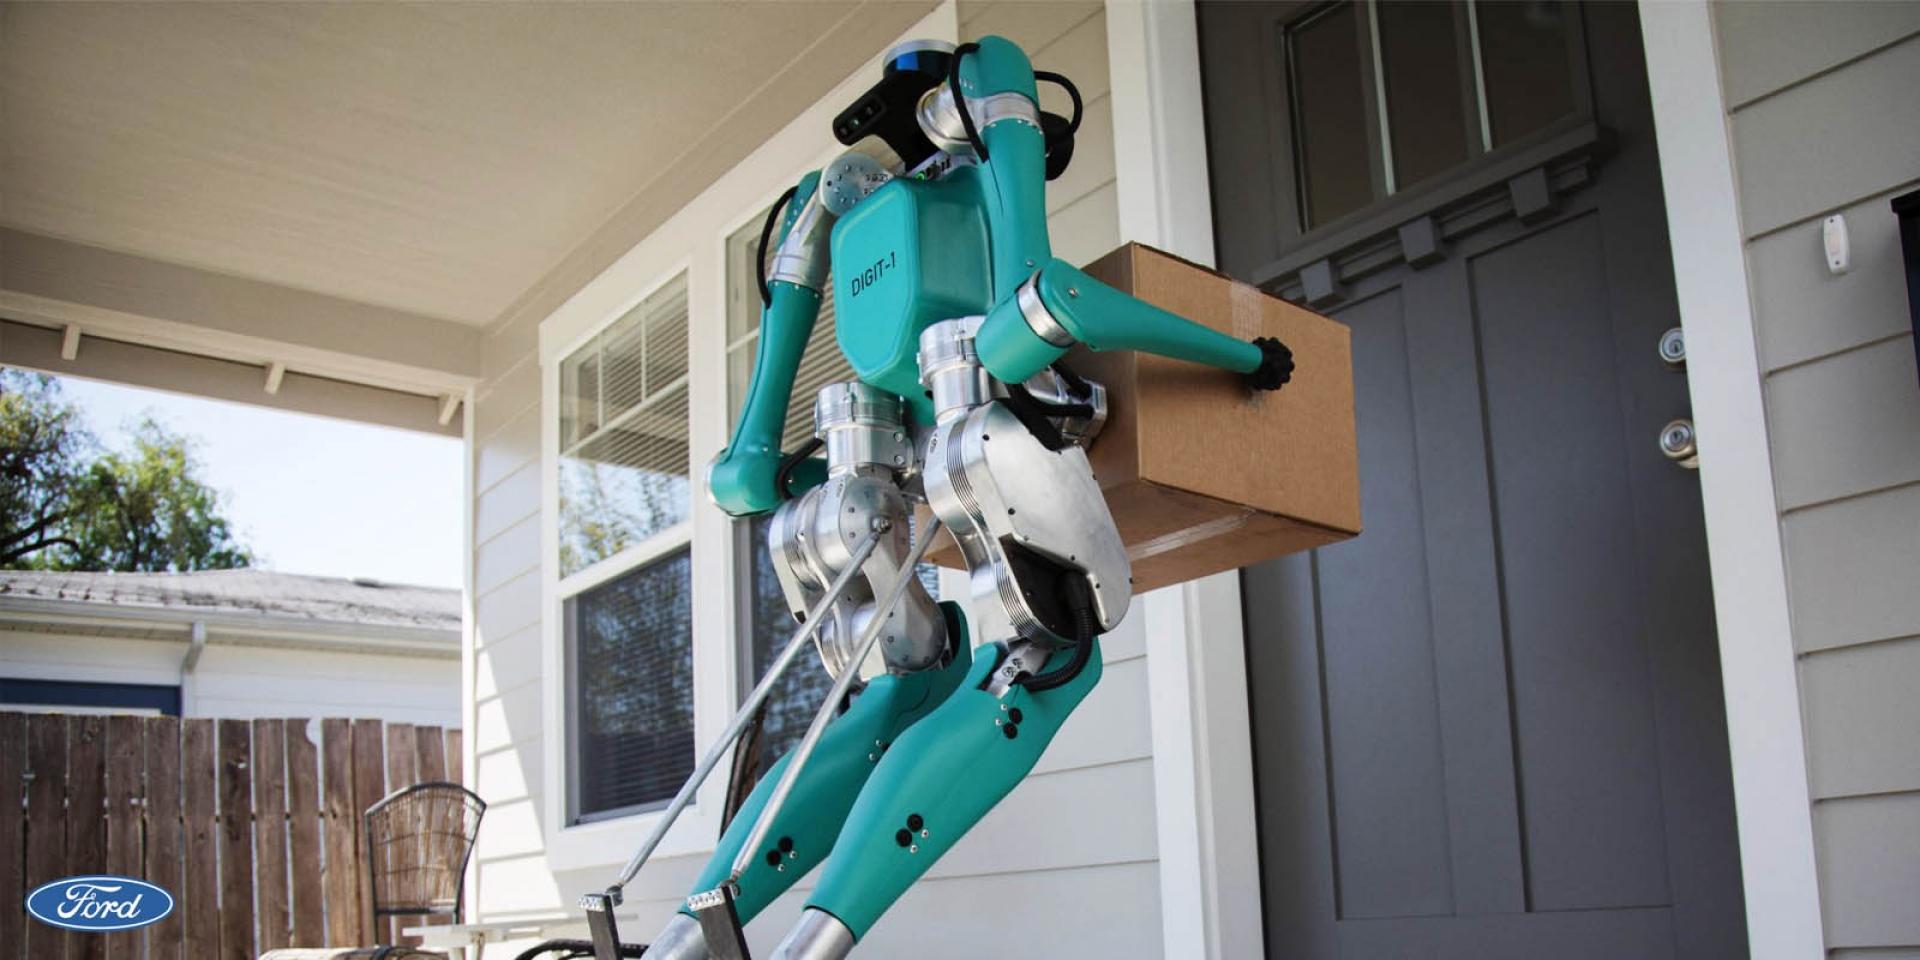 當快遞不再是人類?!FORD與Agility合作推出送貨機器人概念品